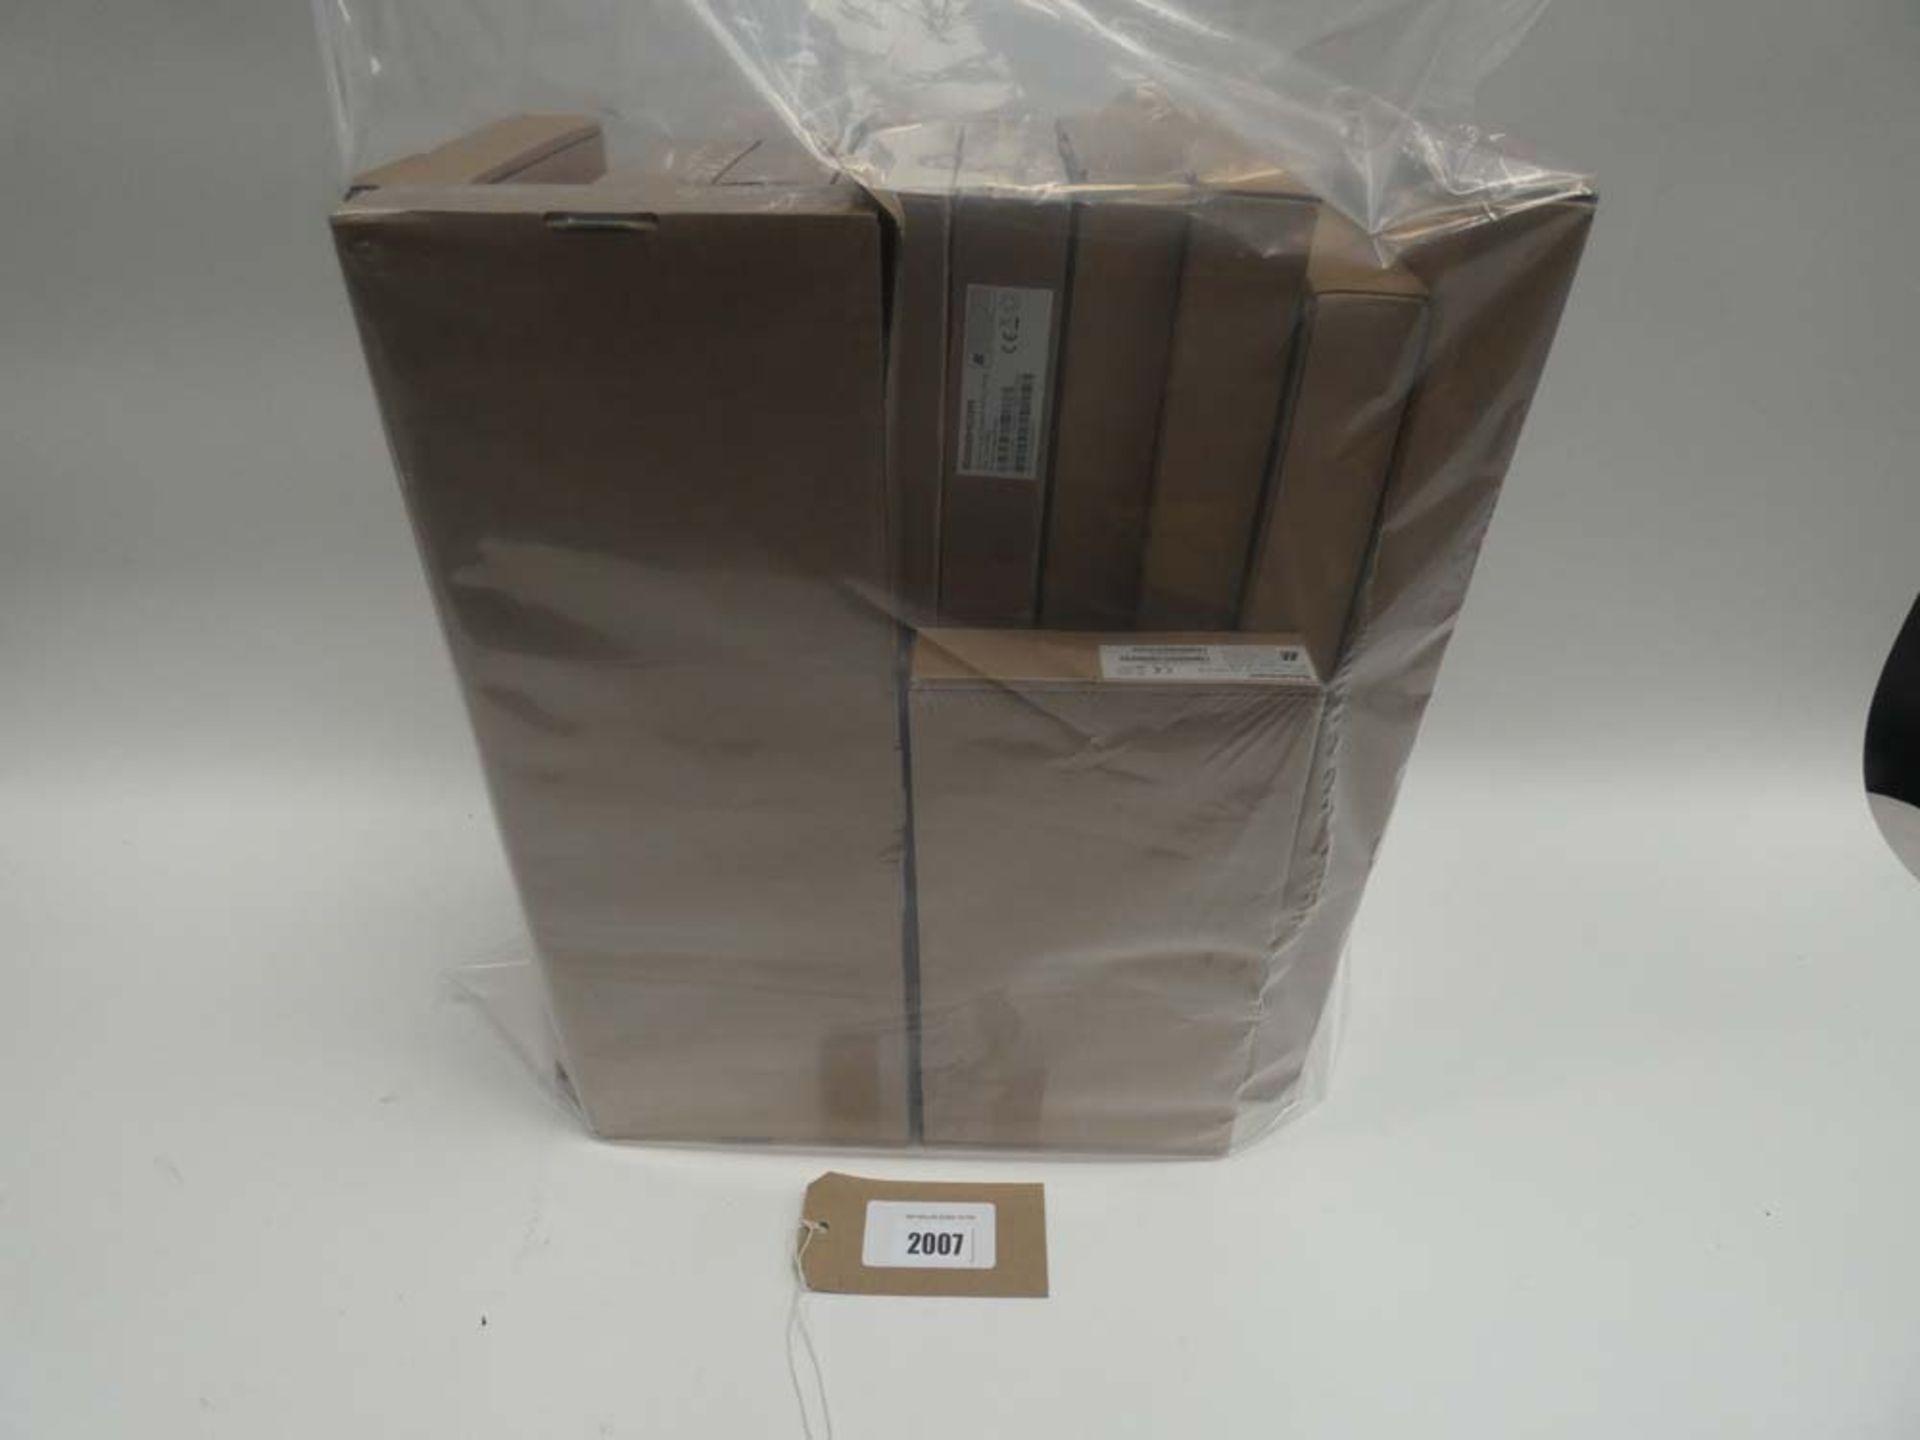 Lot 2007 - Bag containing quantity of Sagecom routers